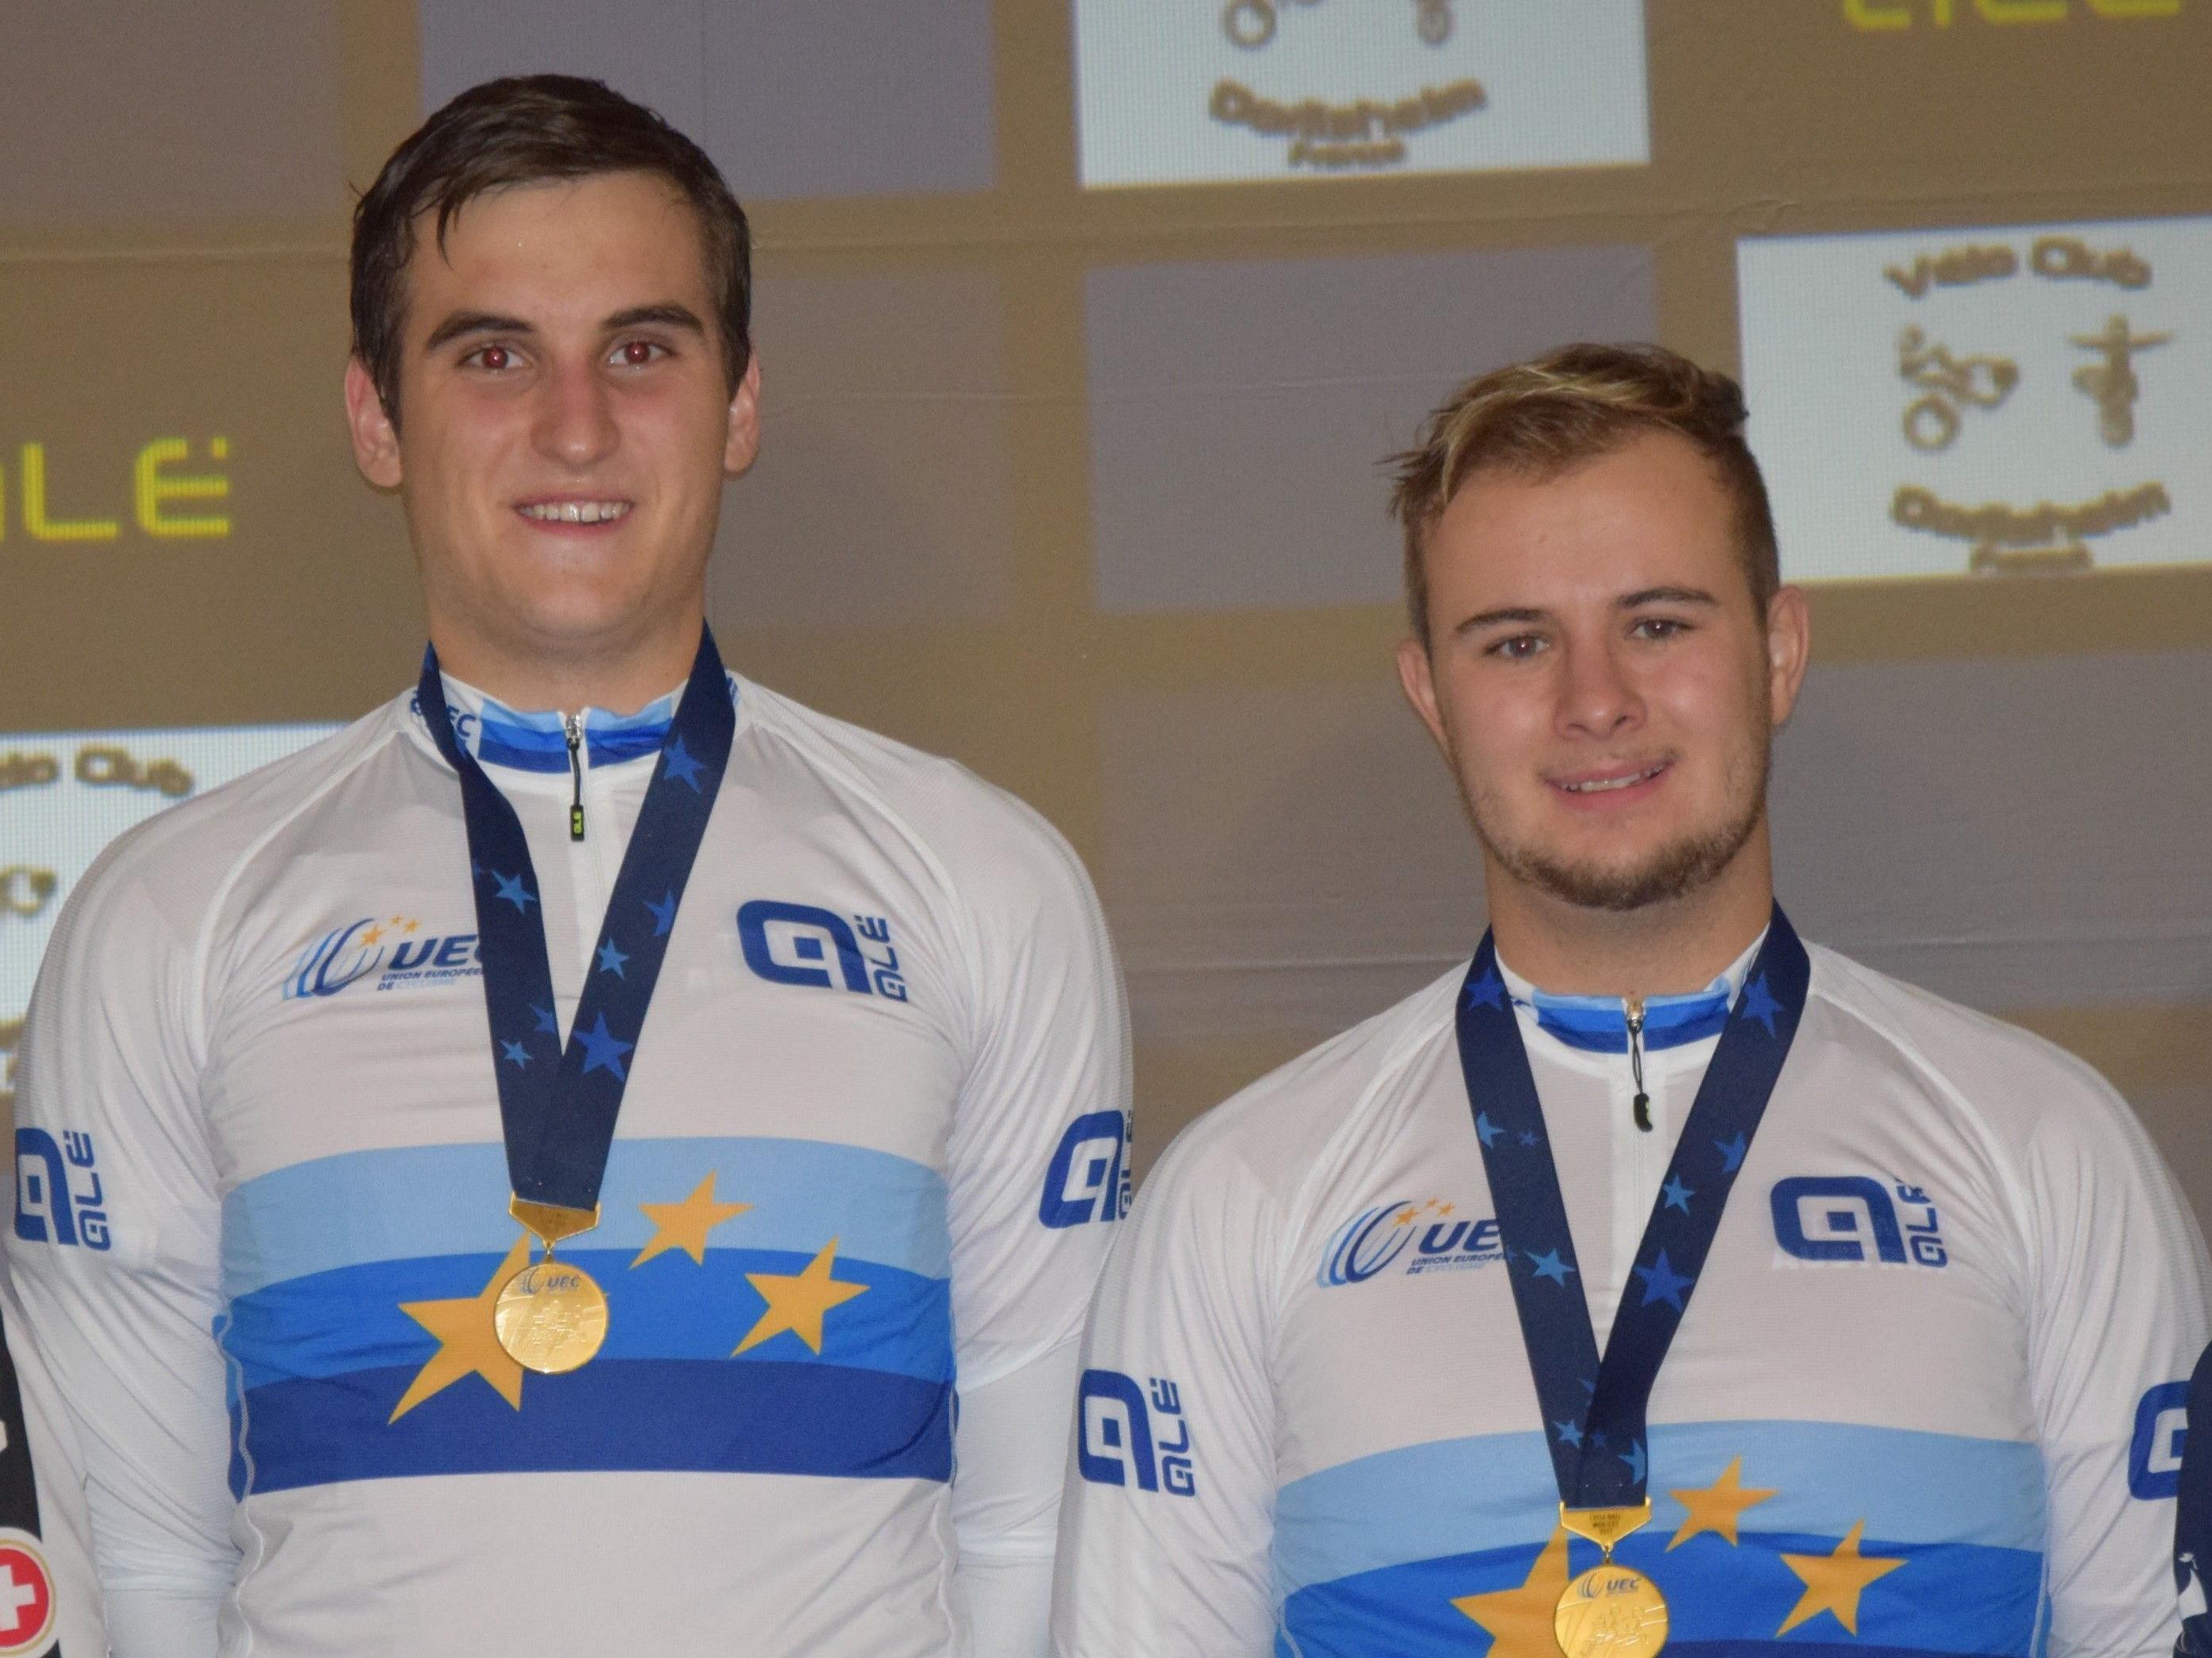 Kevin Bachmann und Stefan Feurstein holten sich wie im Vorjahr den Europameistertitel im Radball (U23).